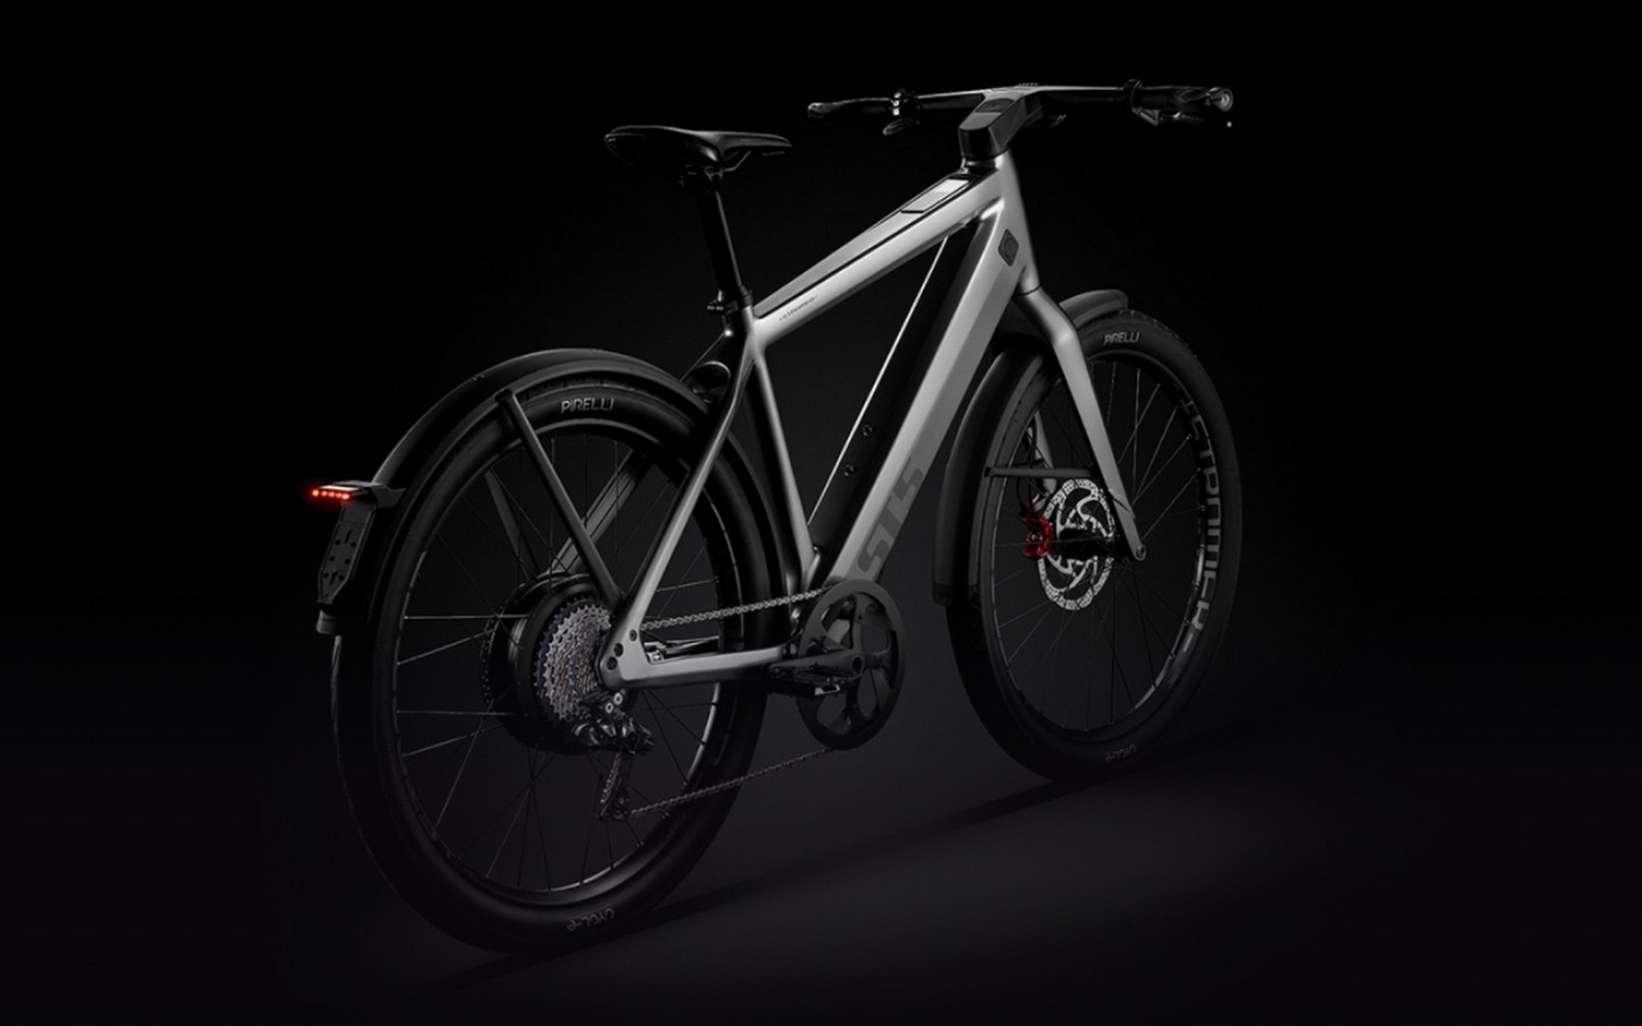 Le Stromer ST5 est un speedelec, un vélo électrique rapide qui peut atteindre les 45 km/h. © Stromer